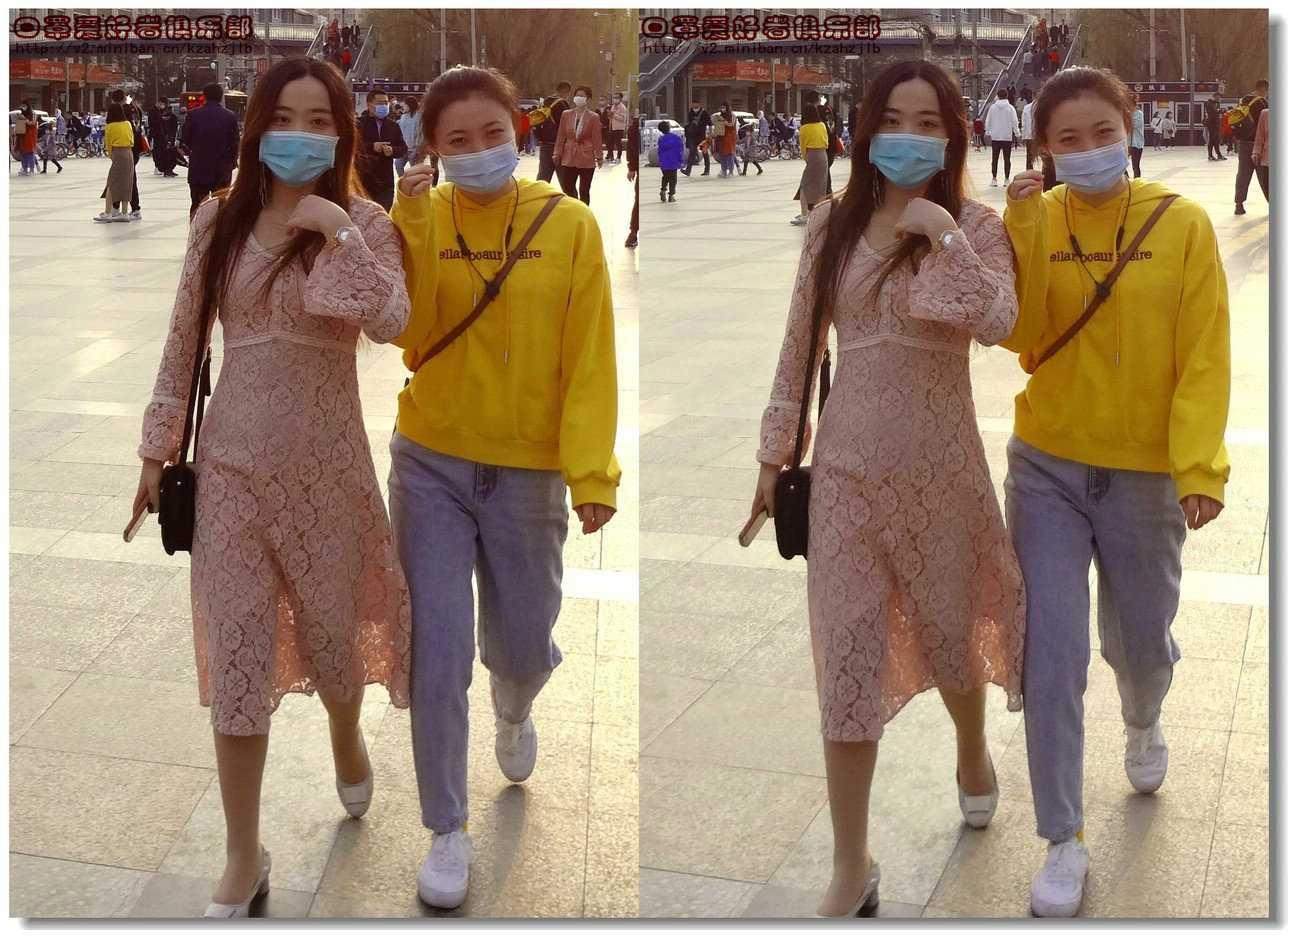 【原创】街拍-戴口罩的人们(续)图3